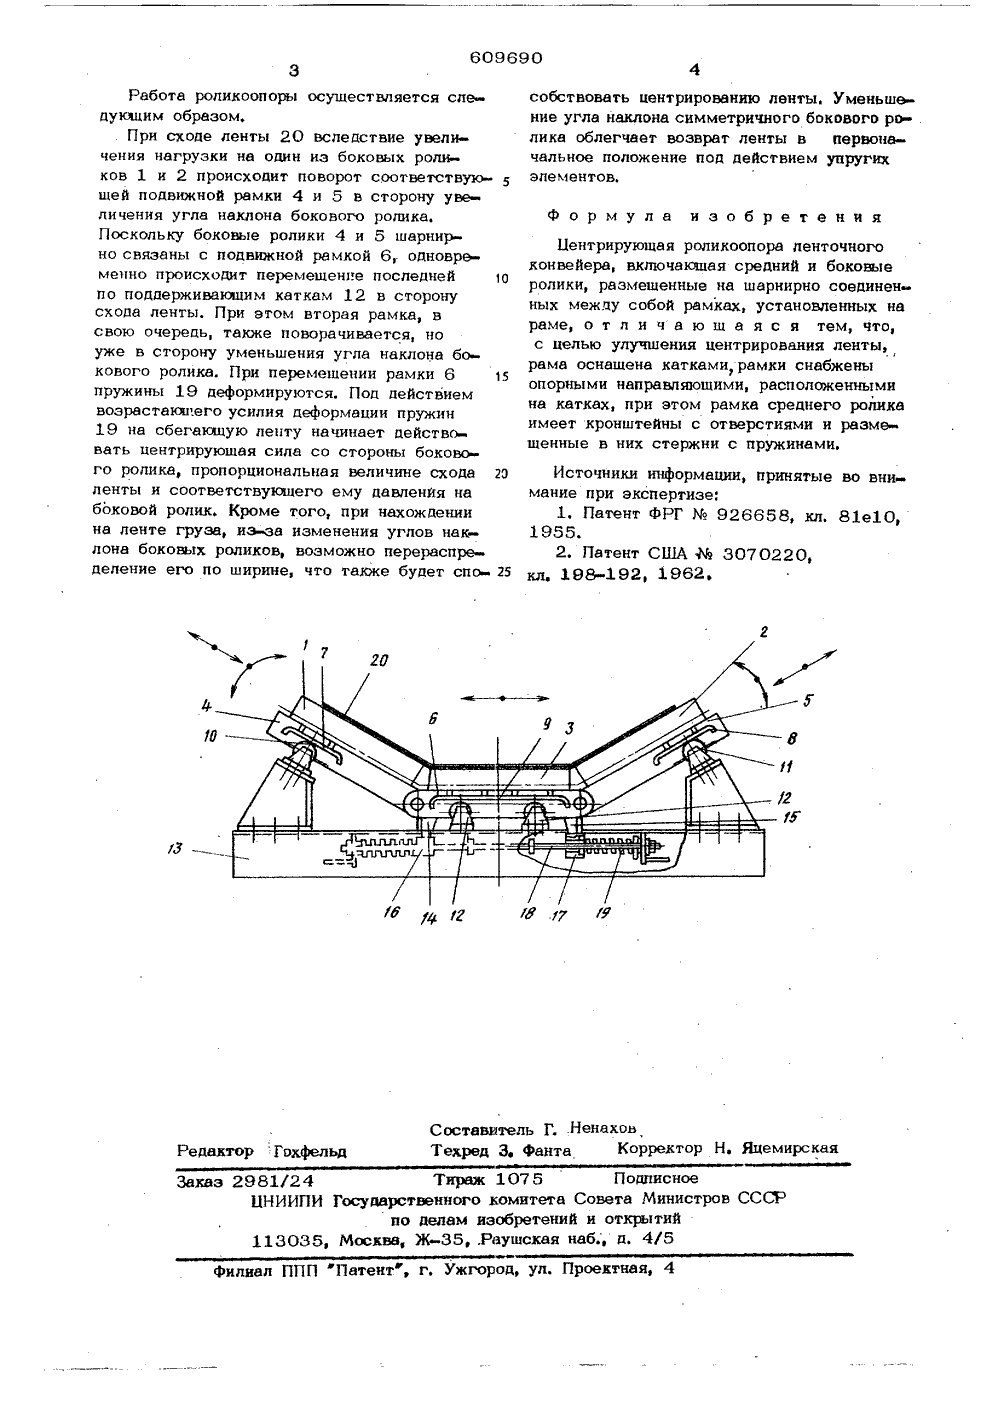 Центрирующая роликоопора ленточных конвейеров тяги на стабилизатор на транспортер т5